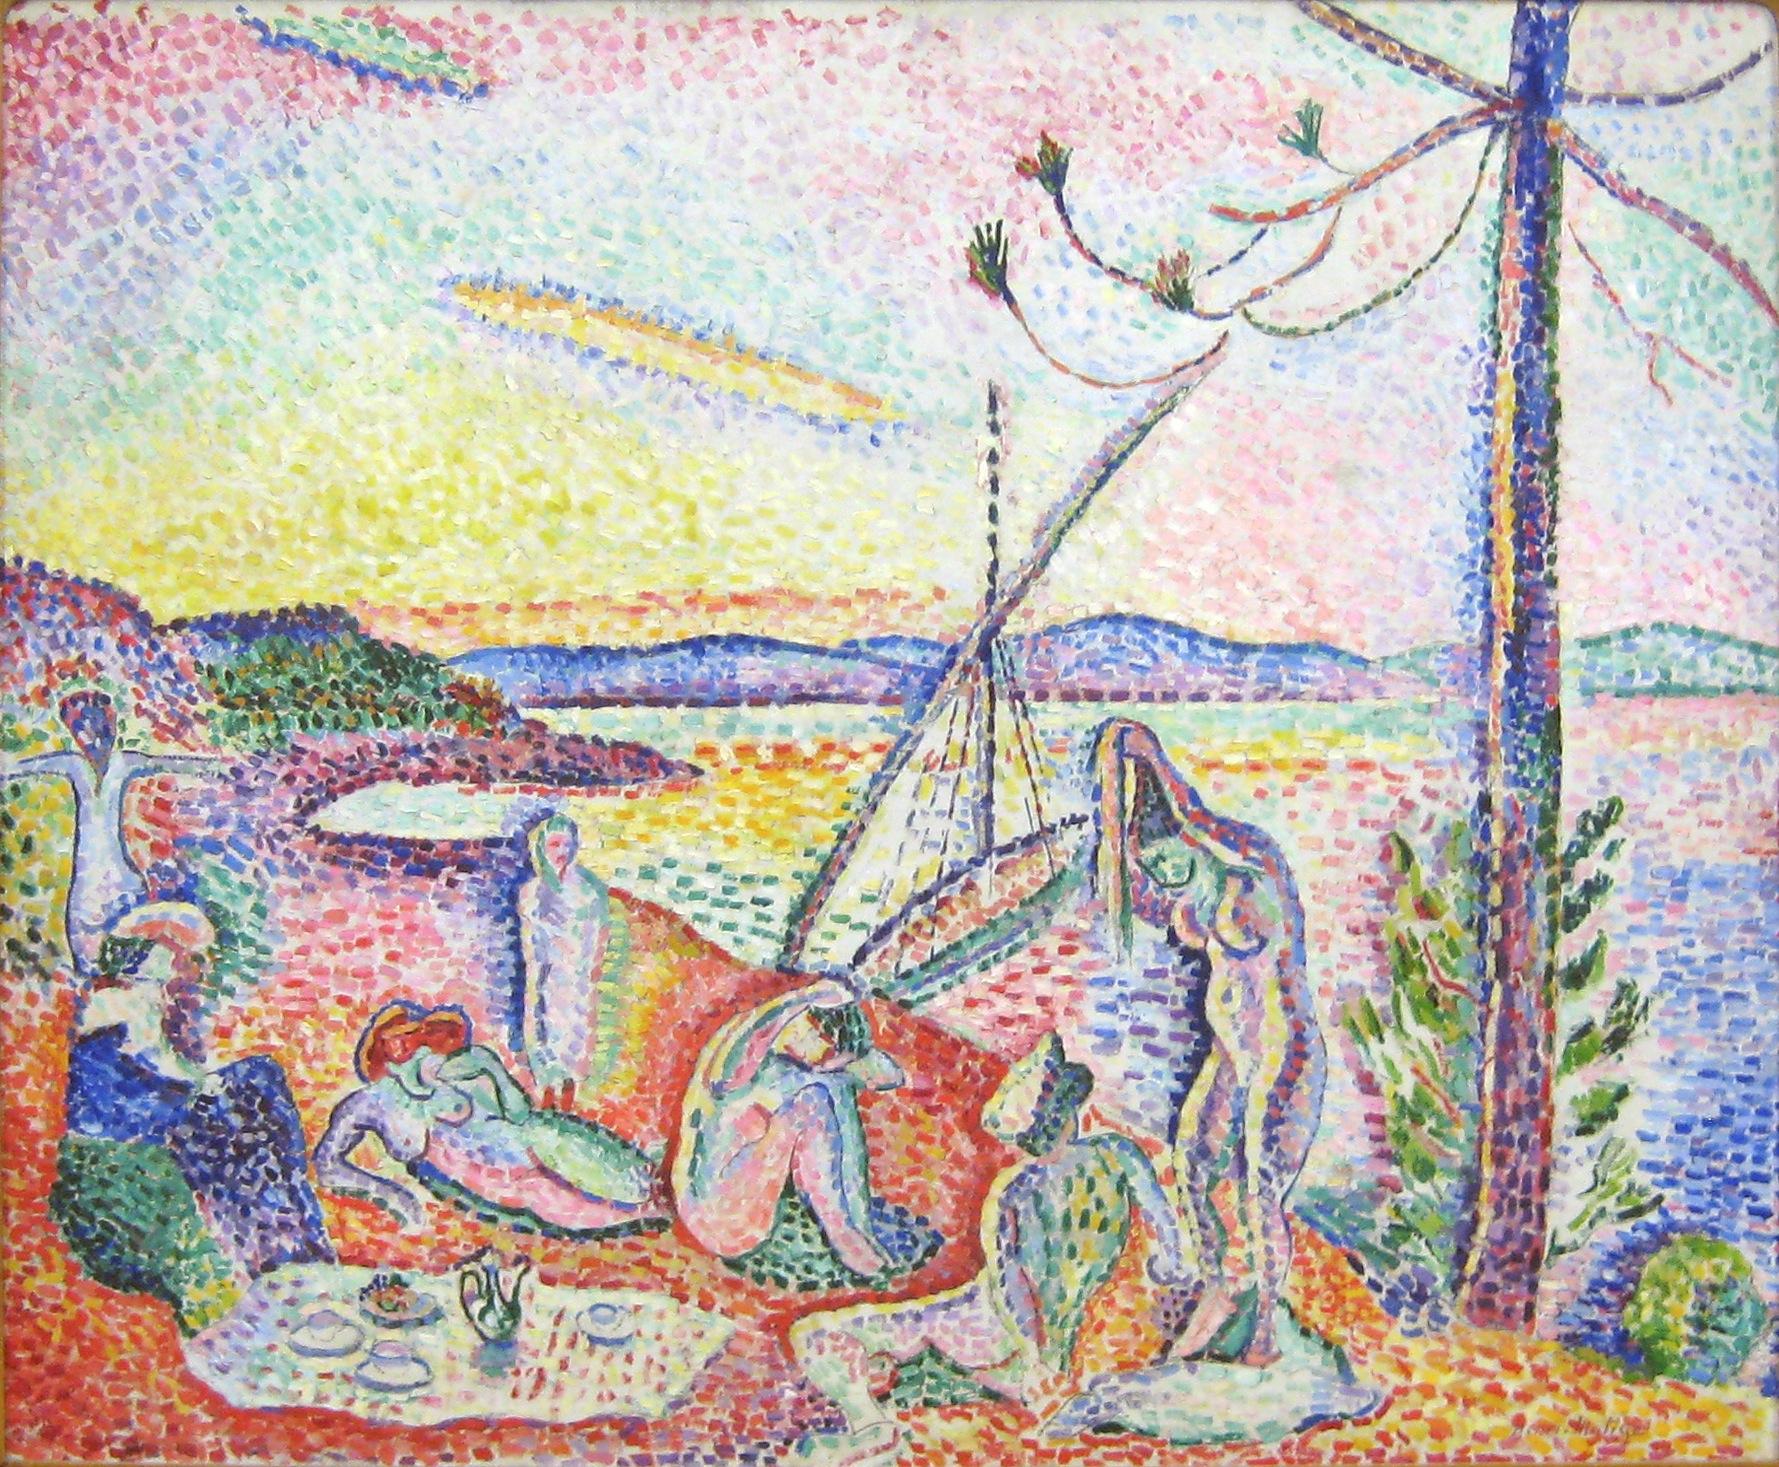 http://upload.wikimedia.org/wikipedia/en/0/07/Matisse-Luxe.jpg